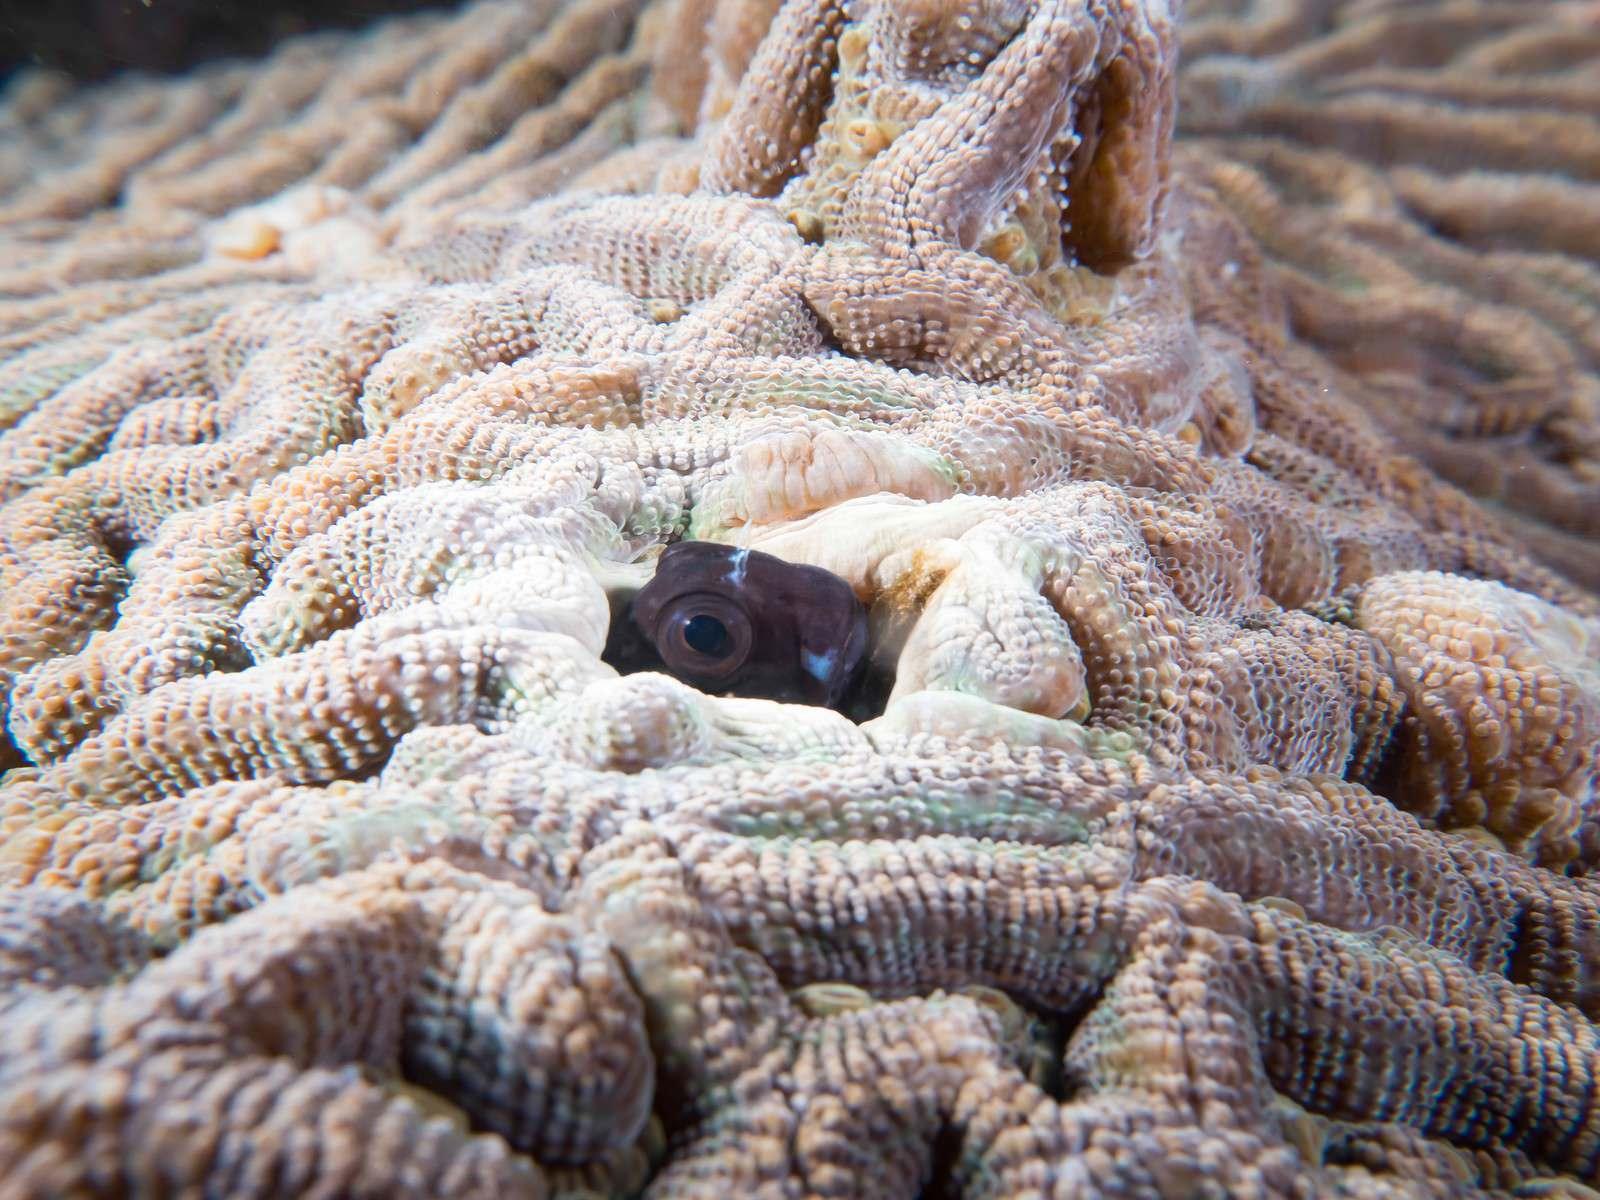 「珊瑚に隙間から顔を出すギンポひょこ」の写真